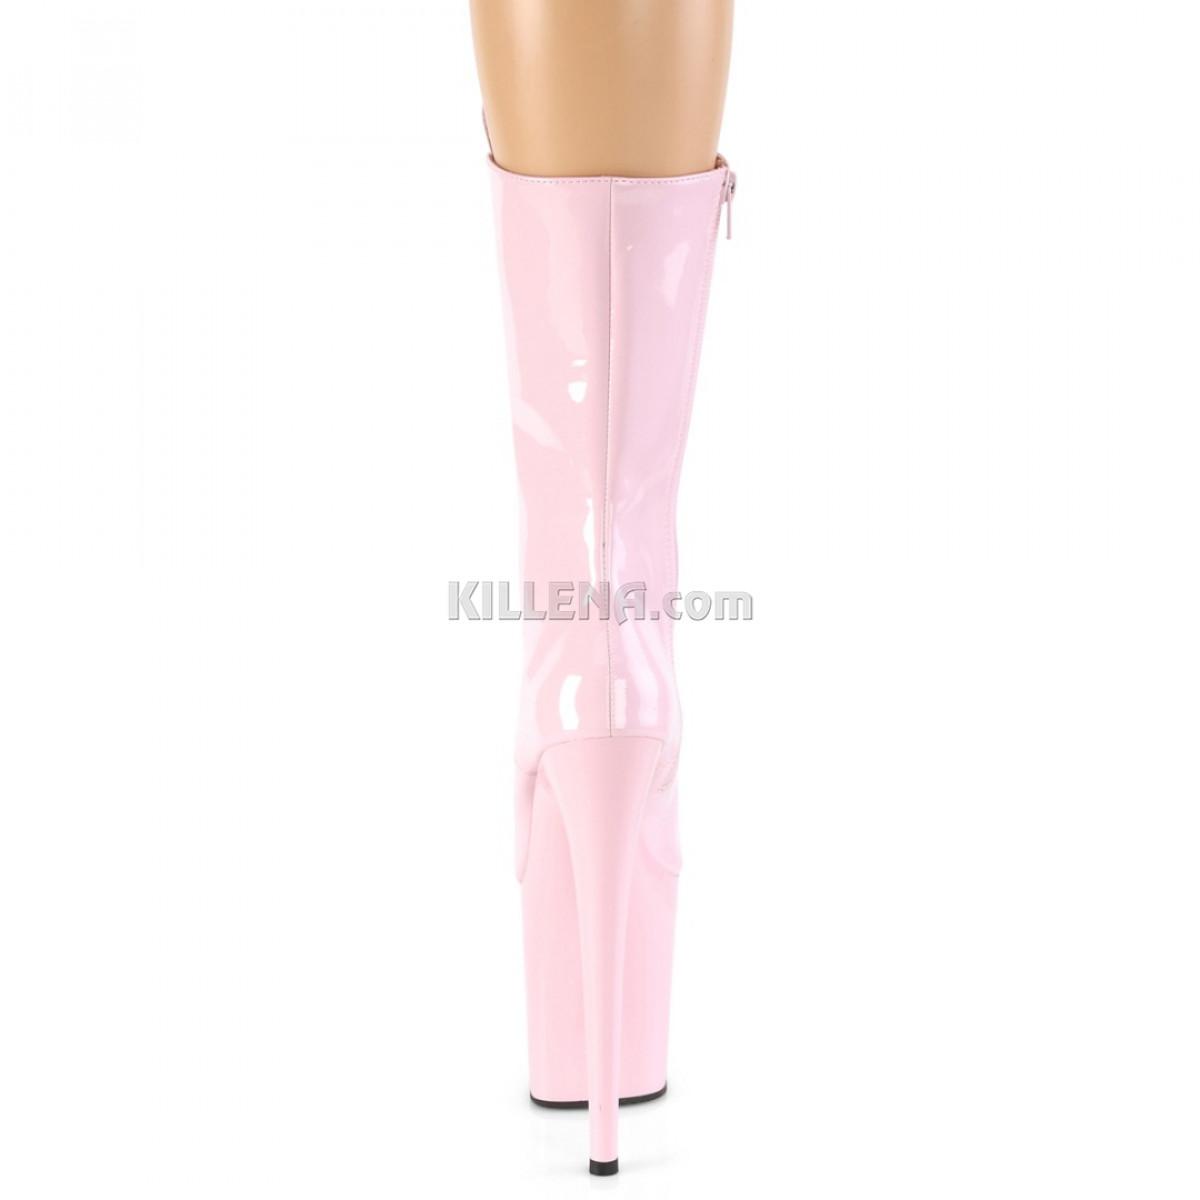 Высокие лакированные нежно-розовые ботинки тройки